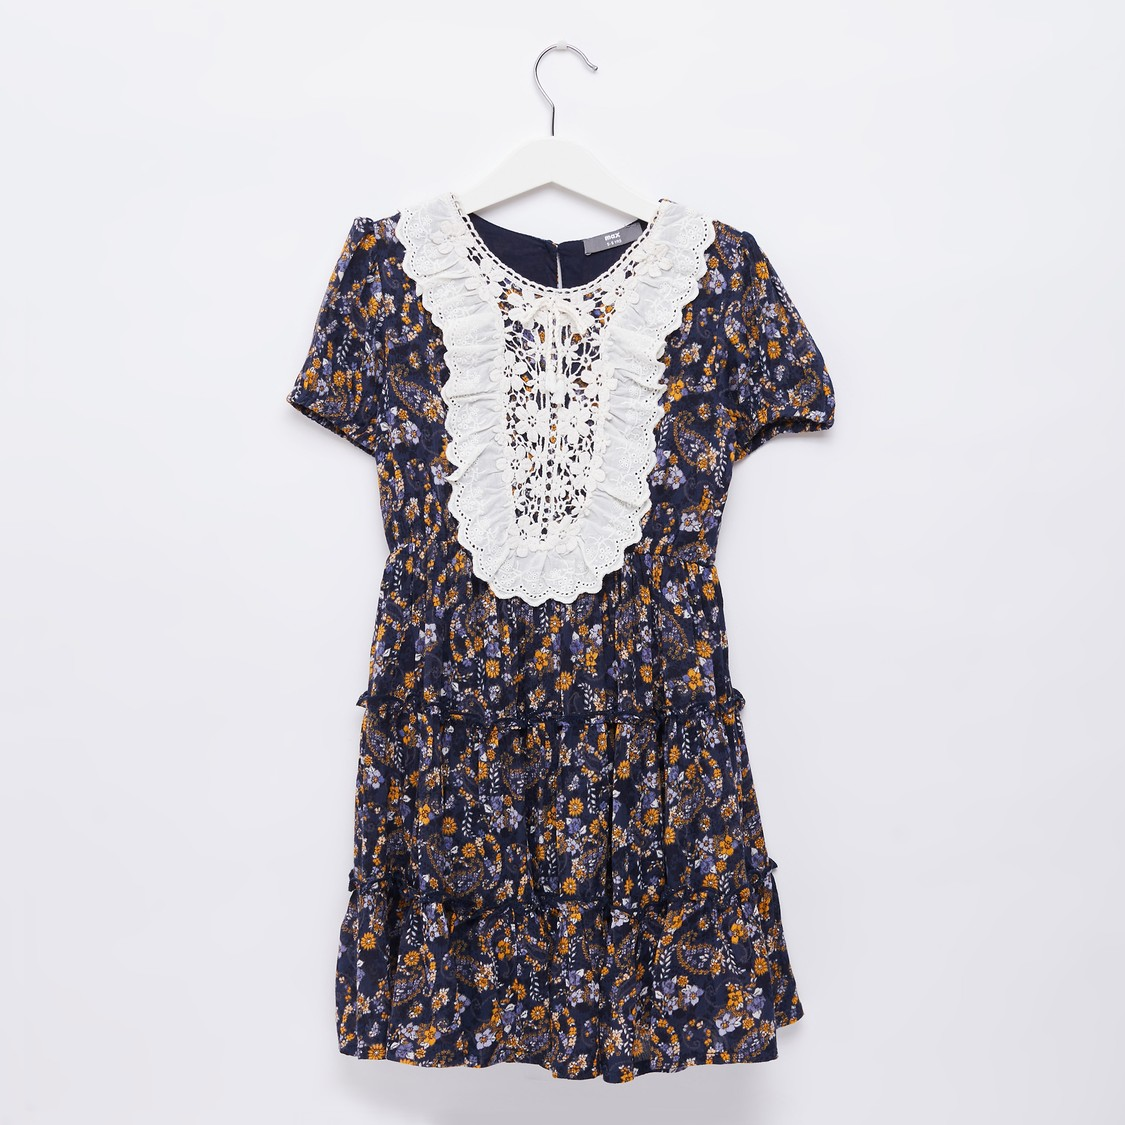 فستان متوسط الطول بطبعات زهور مع مريلة دانتيل وأكمام قصيرة